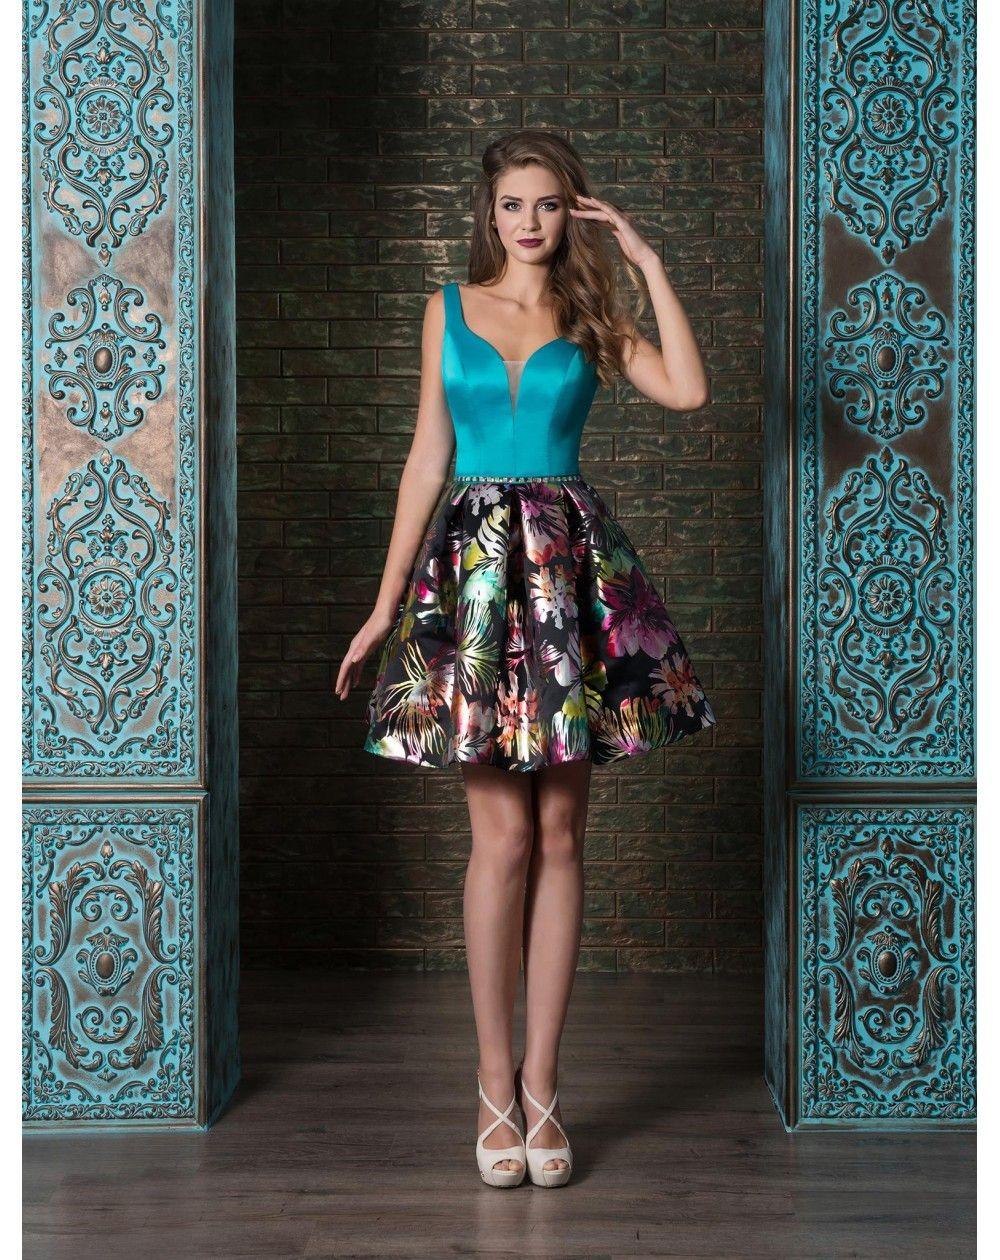 Krátke spoločenské šaty so saténovým zvrškom. Sukňu zdobia kvety. Sexi  pôsobí hlboký výstrih 36687b76200